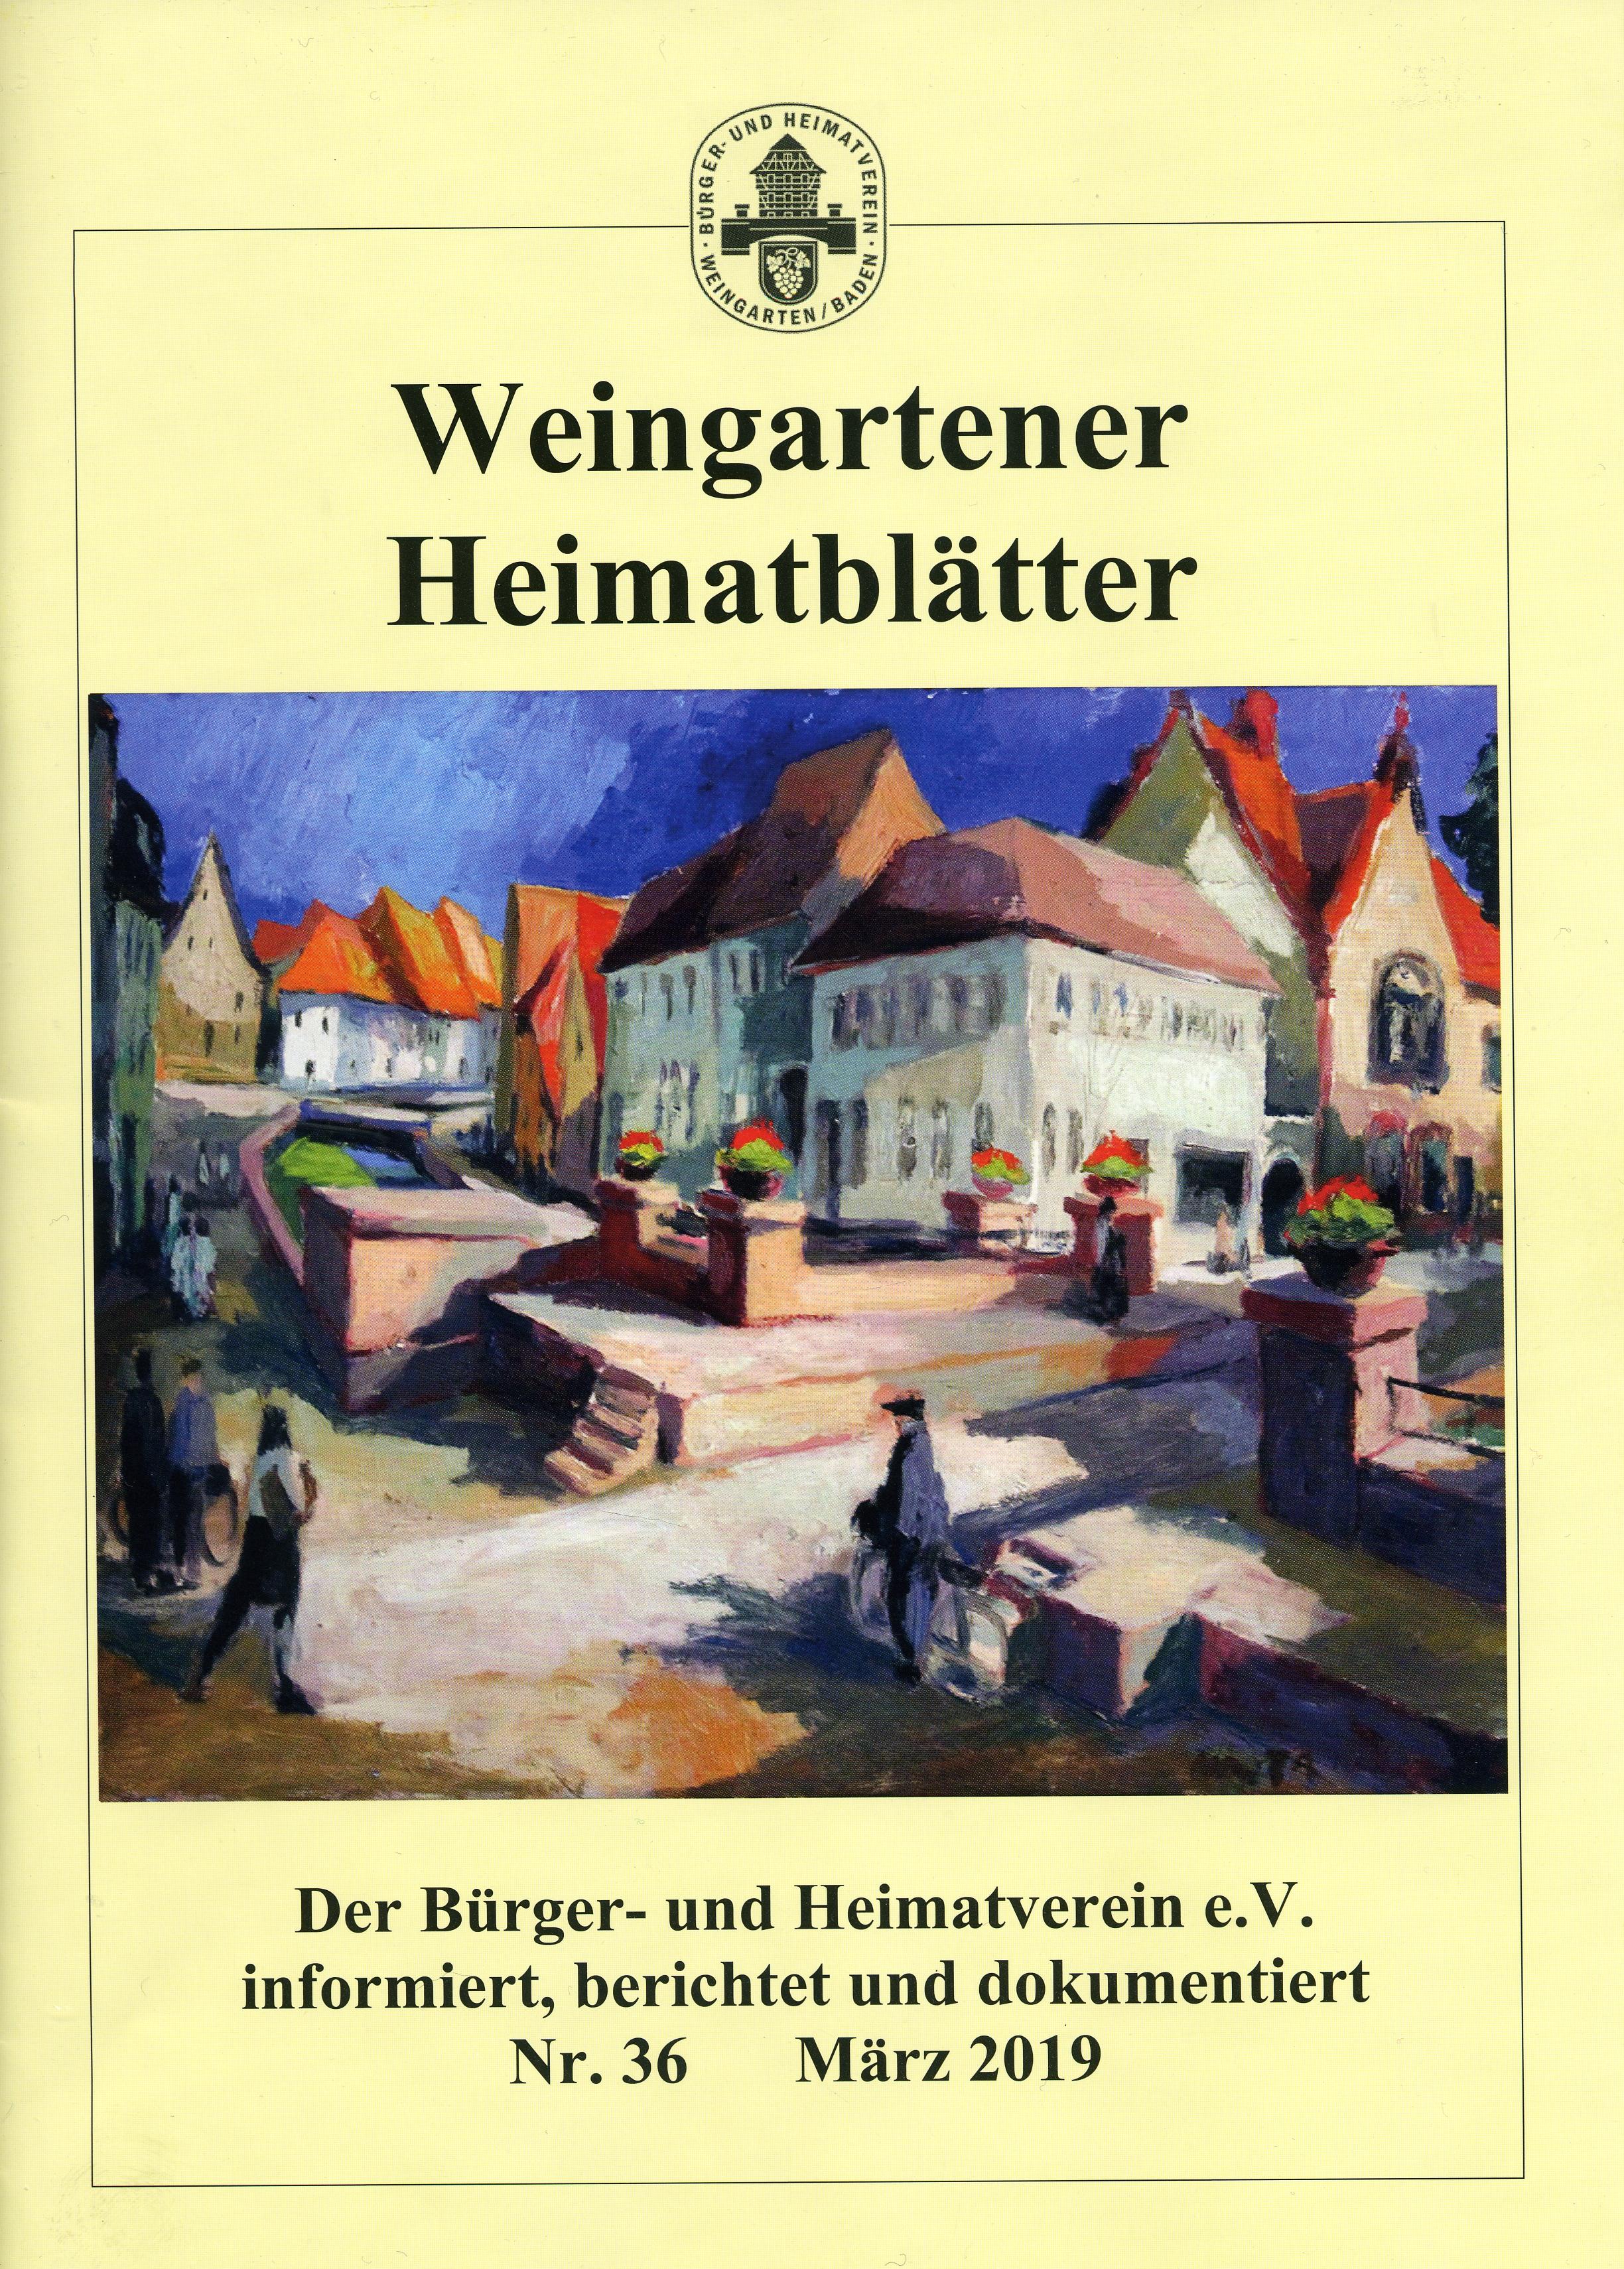 Weingartener-Heimatblaetter-Nr-36